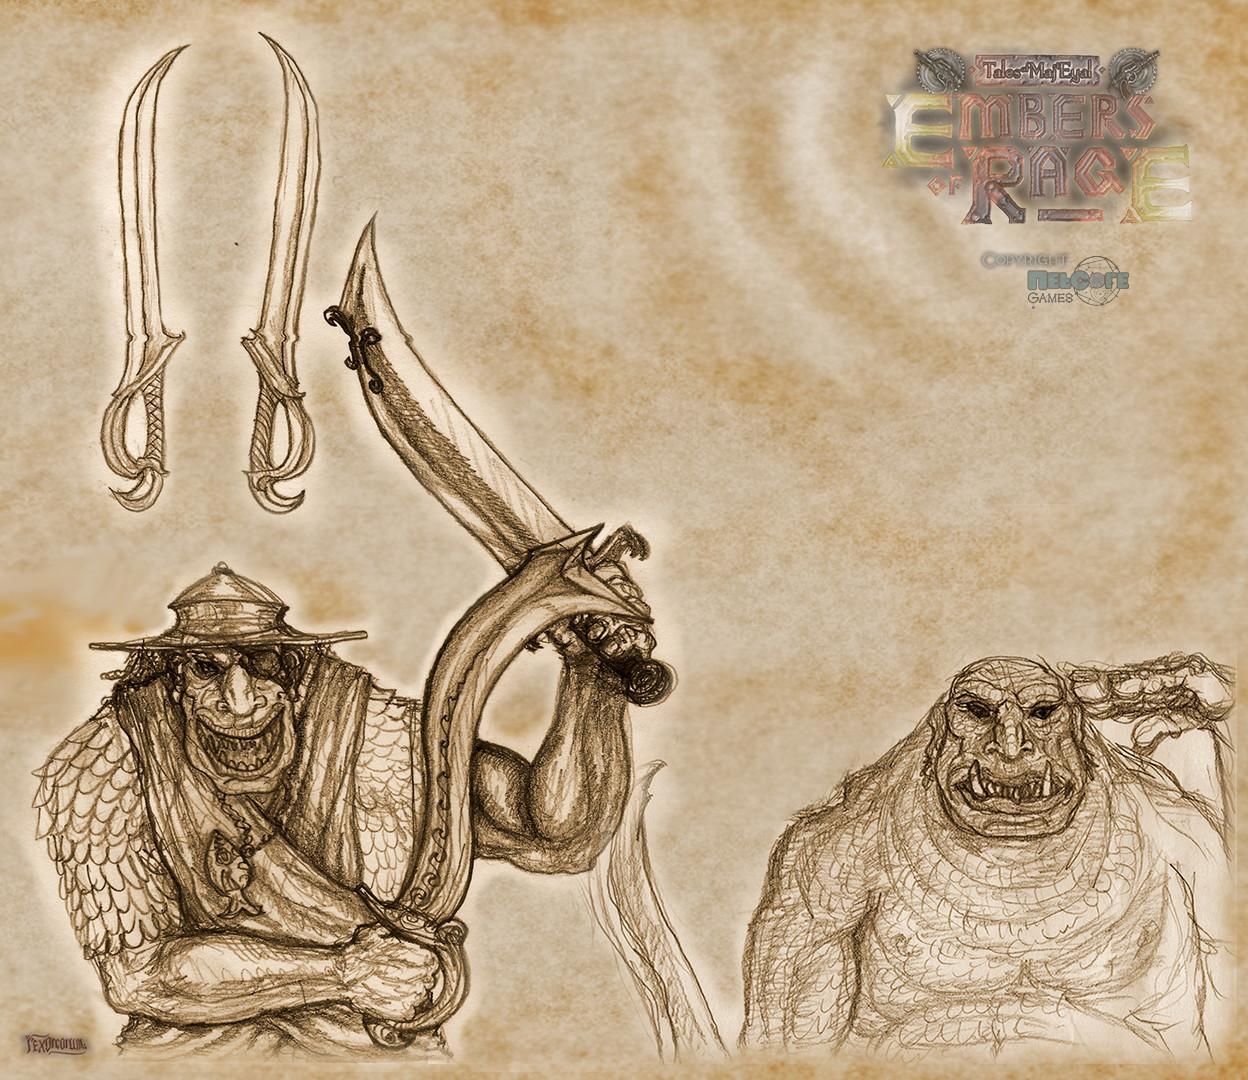 Troll pirates